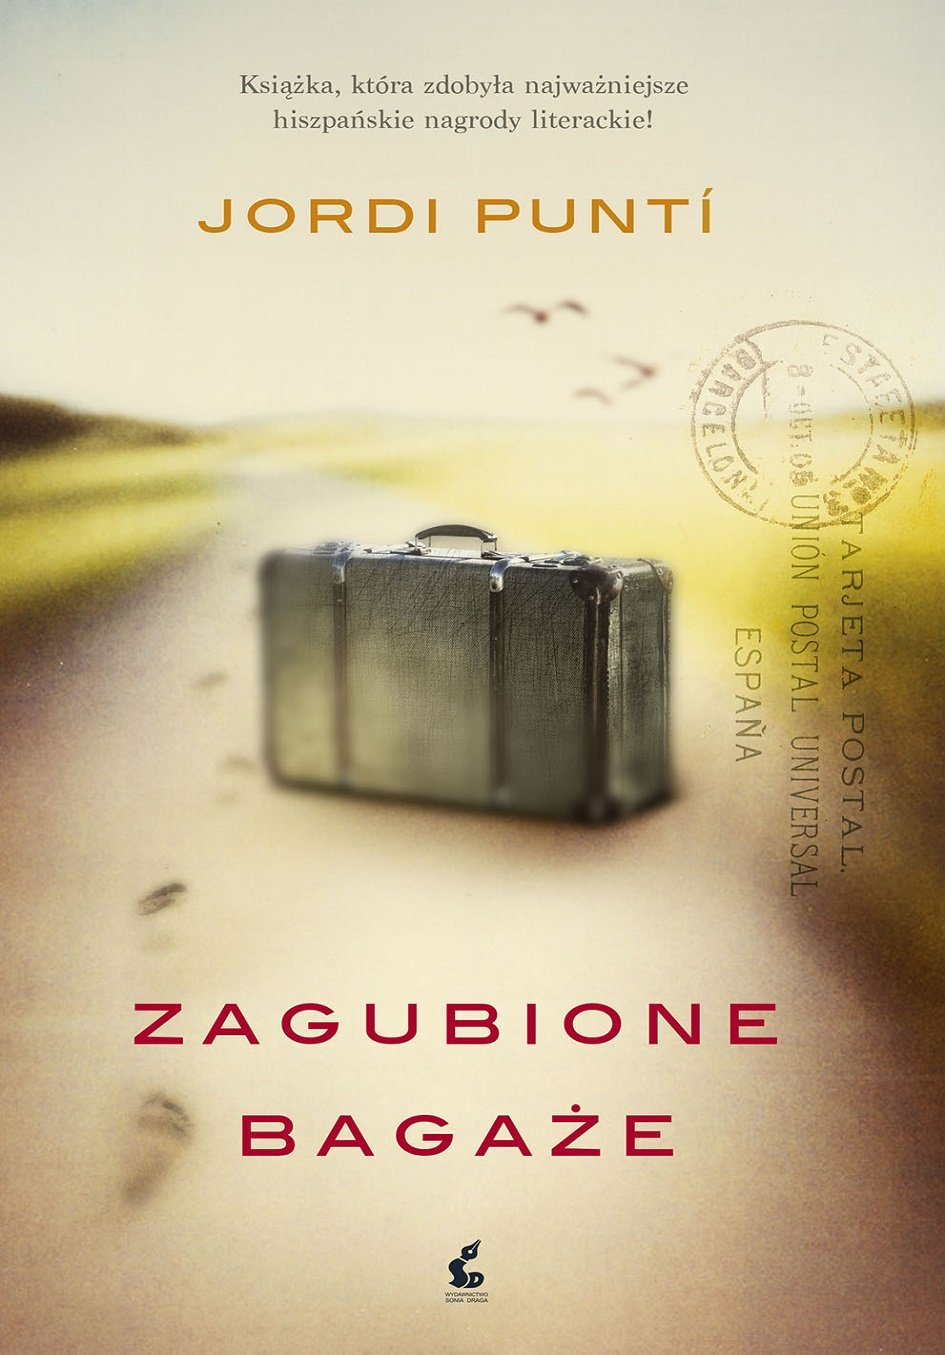 Zagubione bagaże - Ebook (Książka EPUB) do pobrania w formacie EPUB